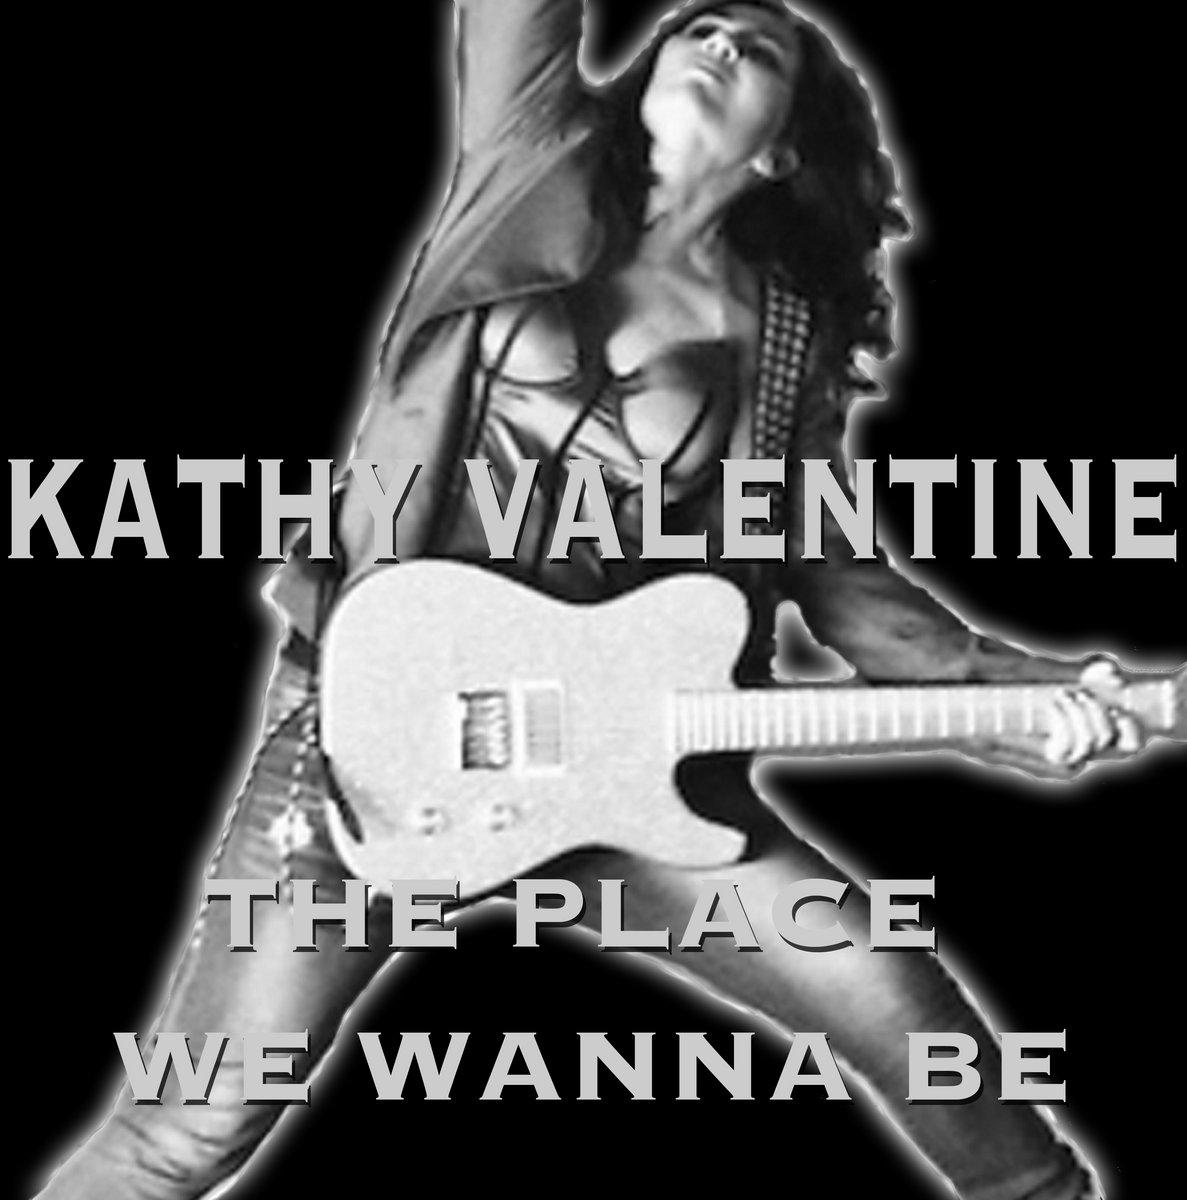 By Kathy Valentine